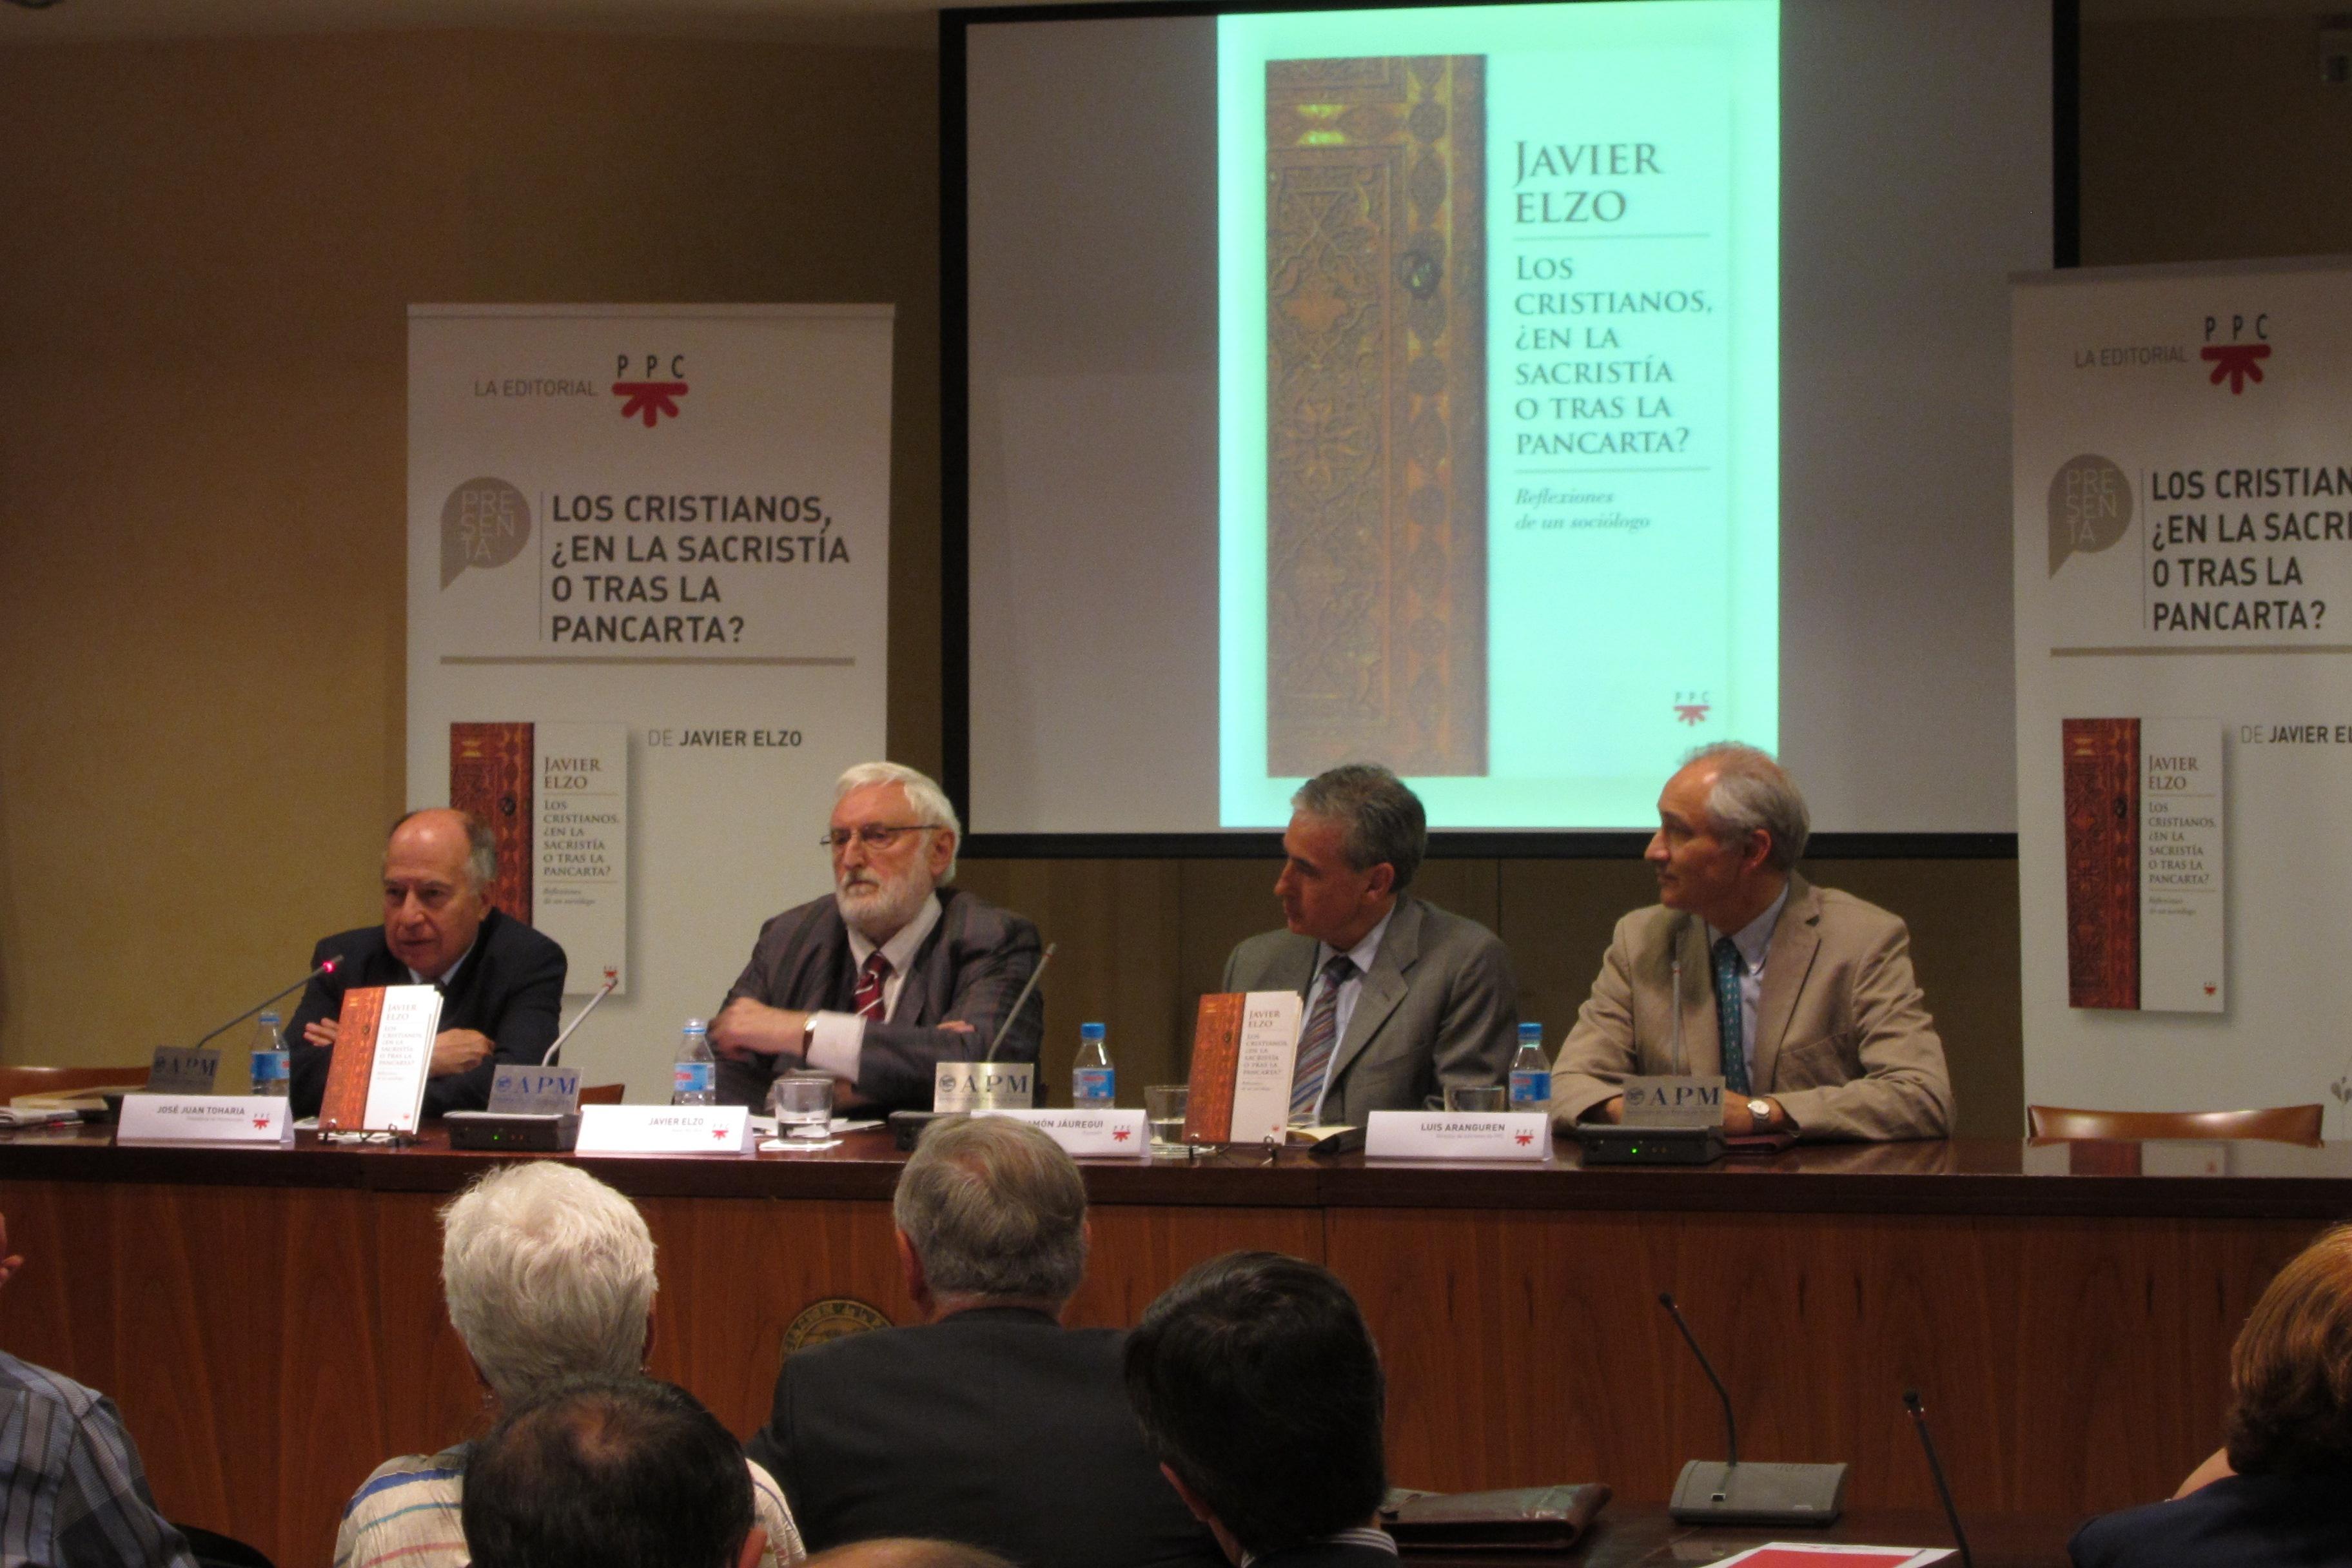 Jáuregui lamenta no haber logrado en 20 años instalar en el PSOE una concepción «tolerante e incluyente» de la religión